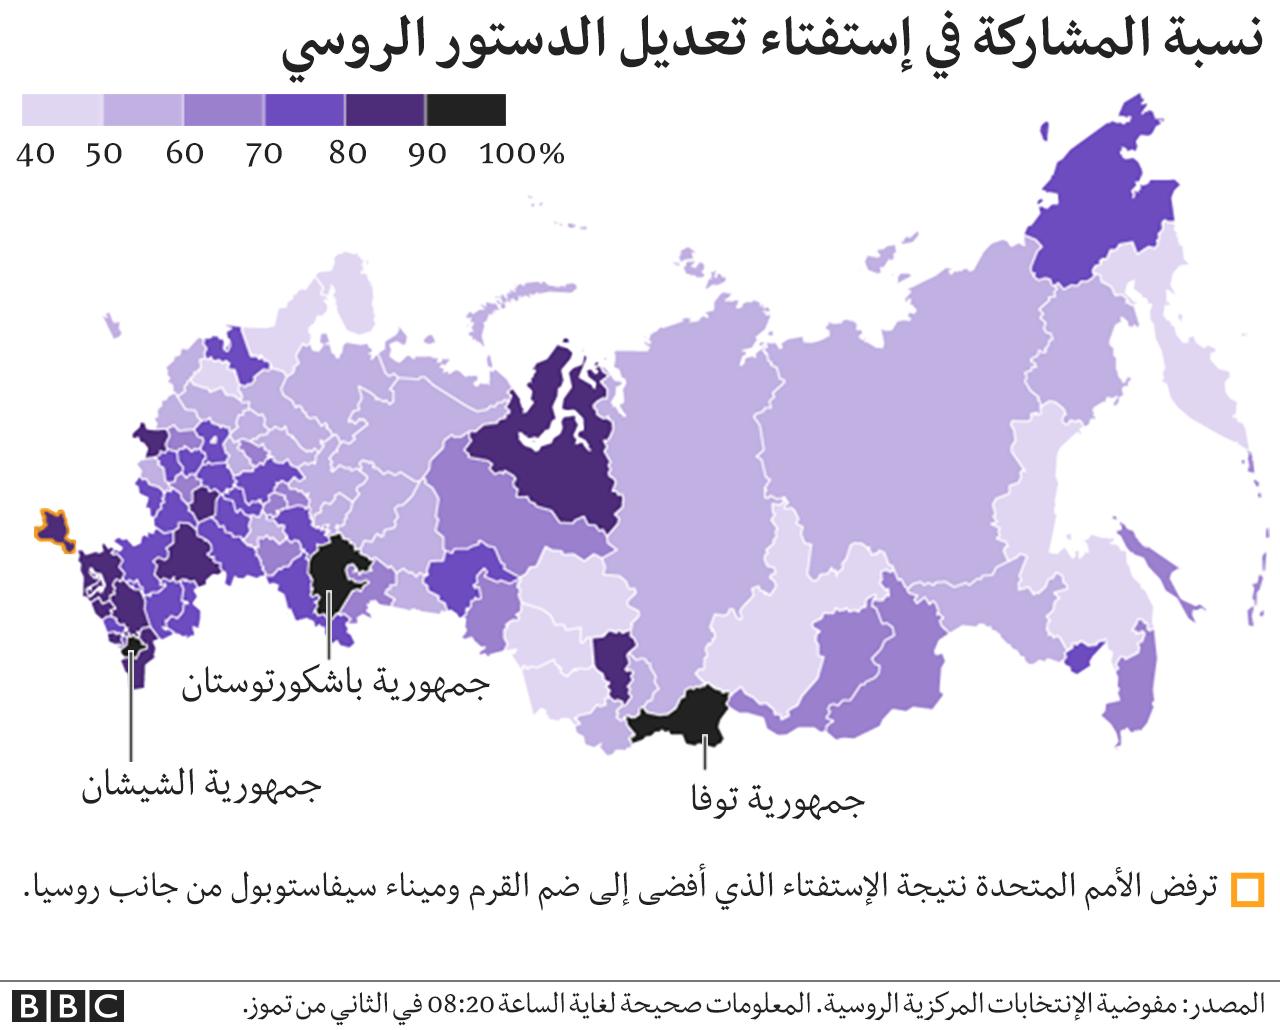 نسبة المشاركة في الاستفتاء الدستوري